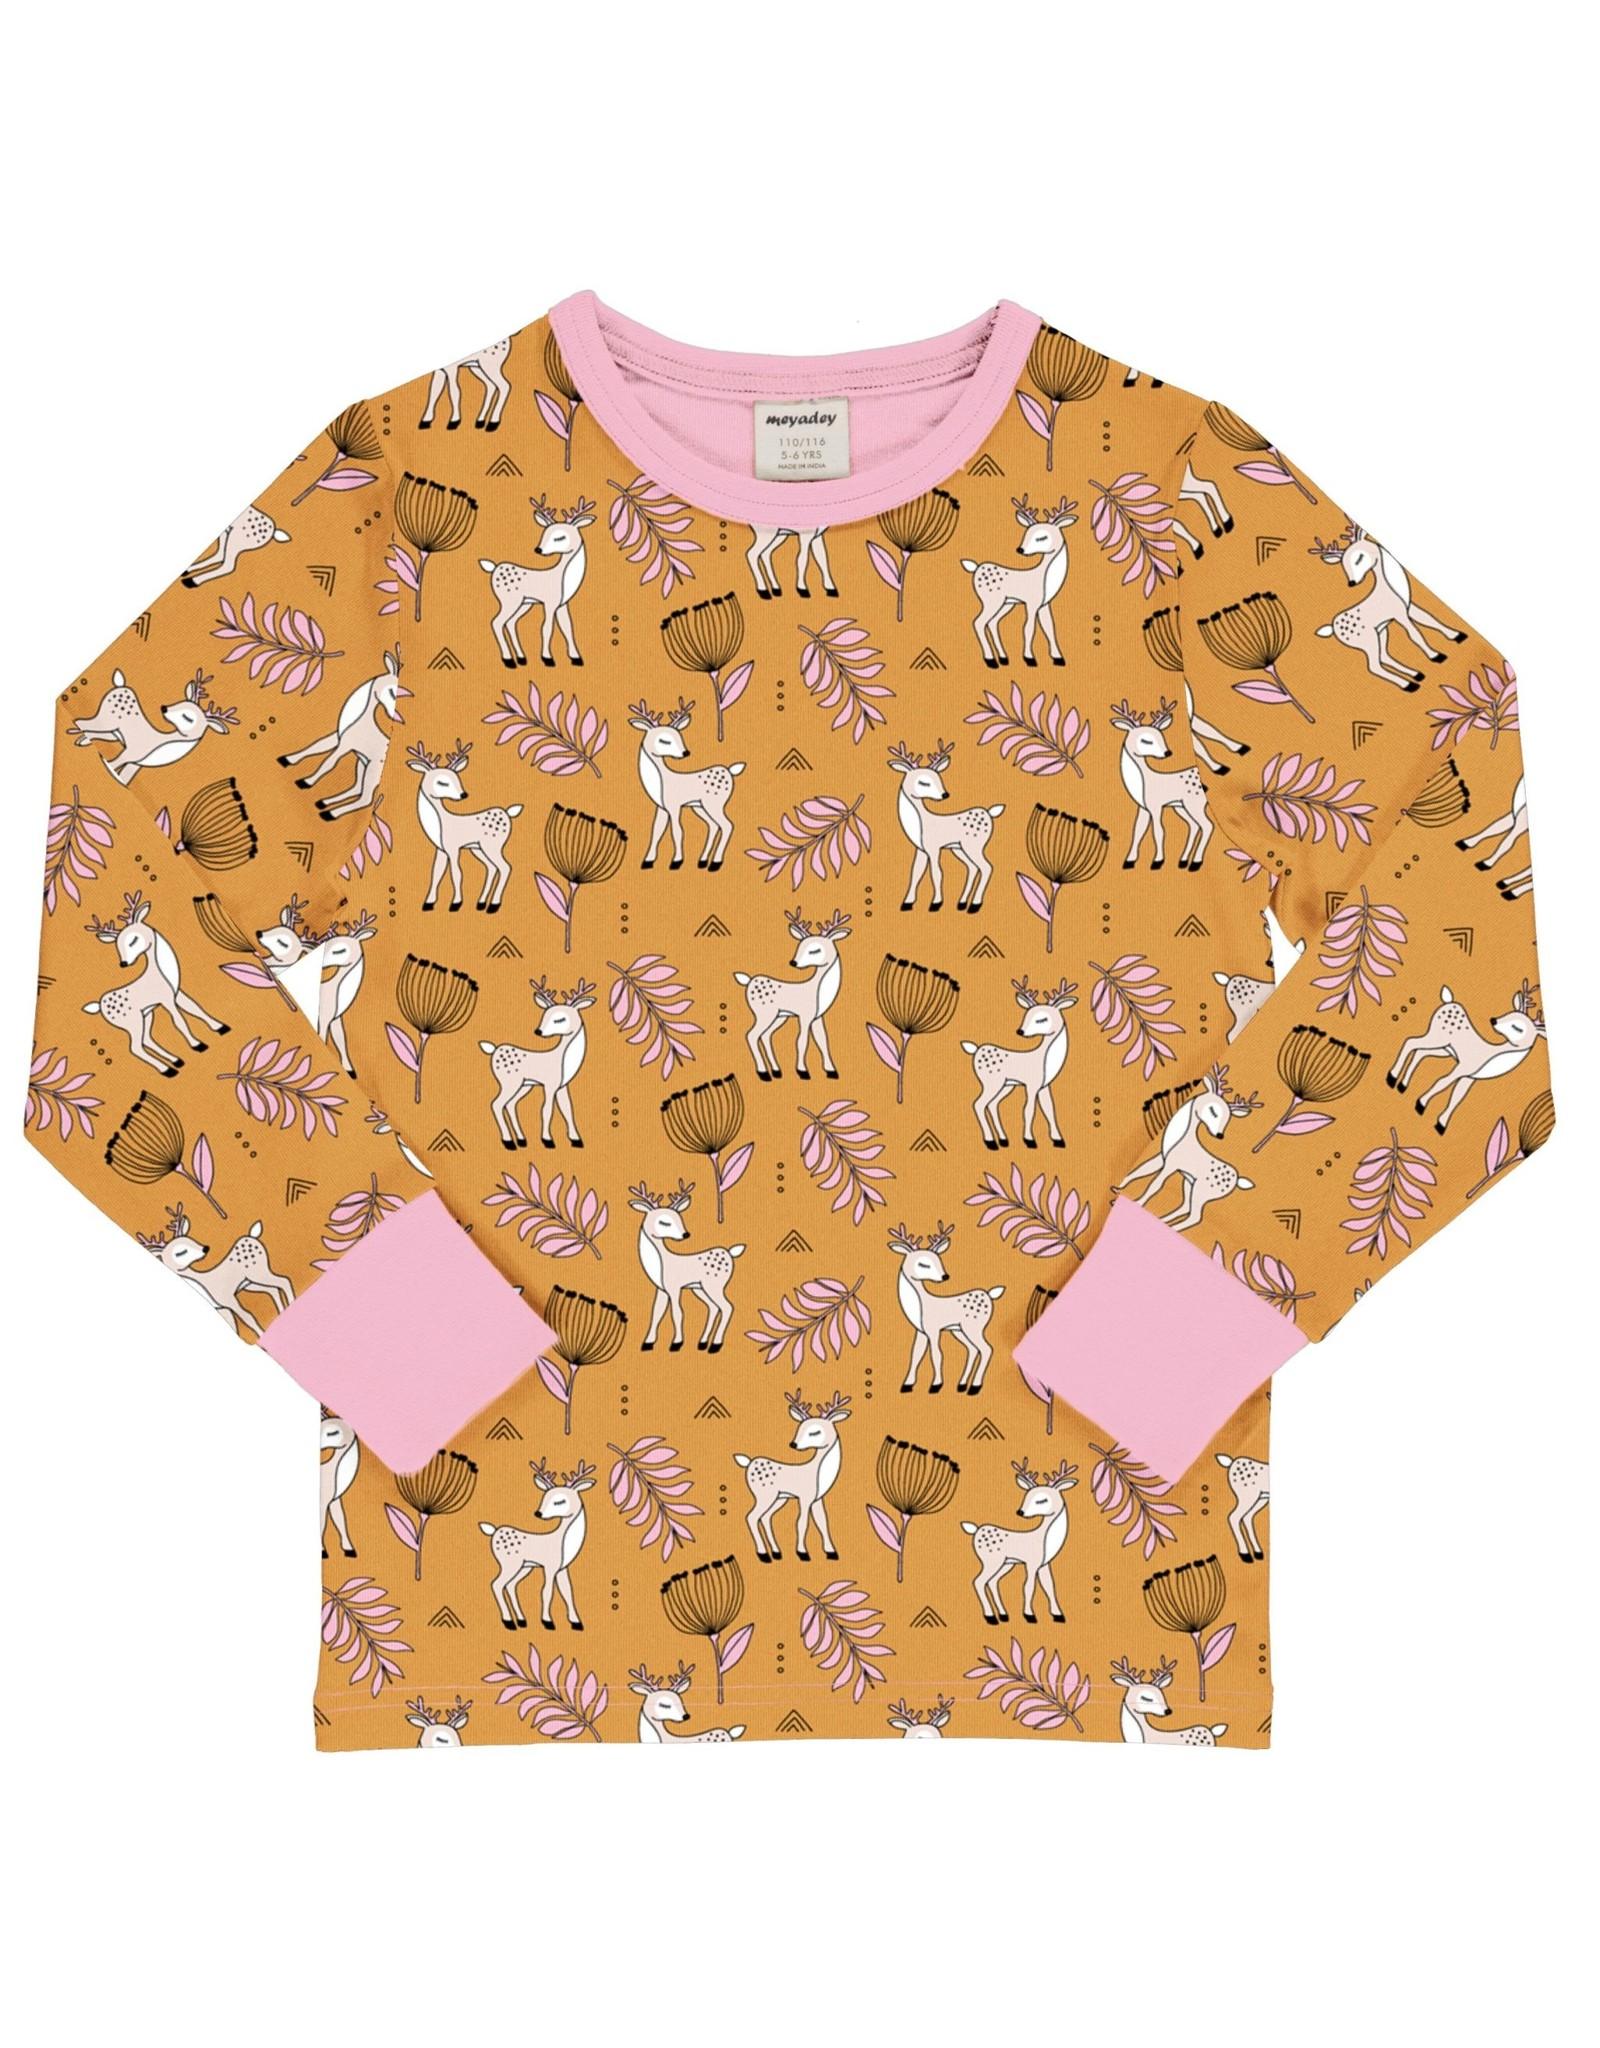 Meyadey T-shirt met hertjes print